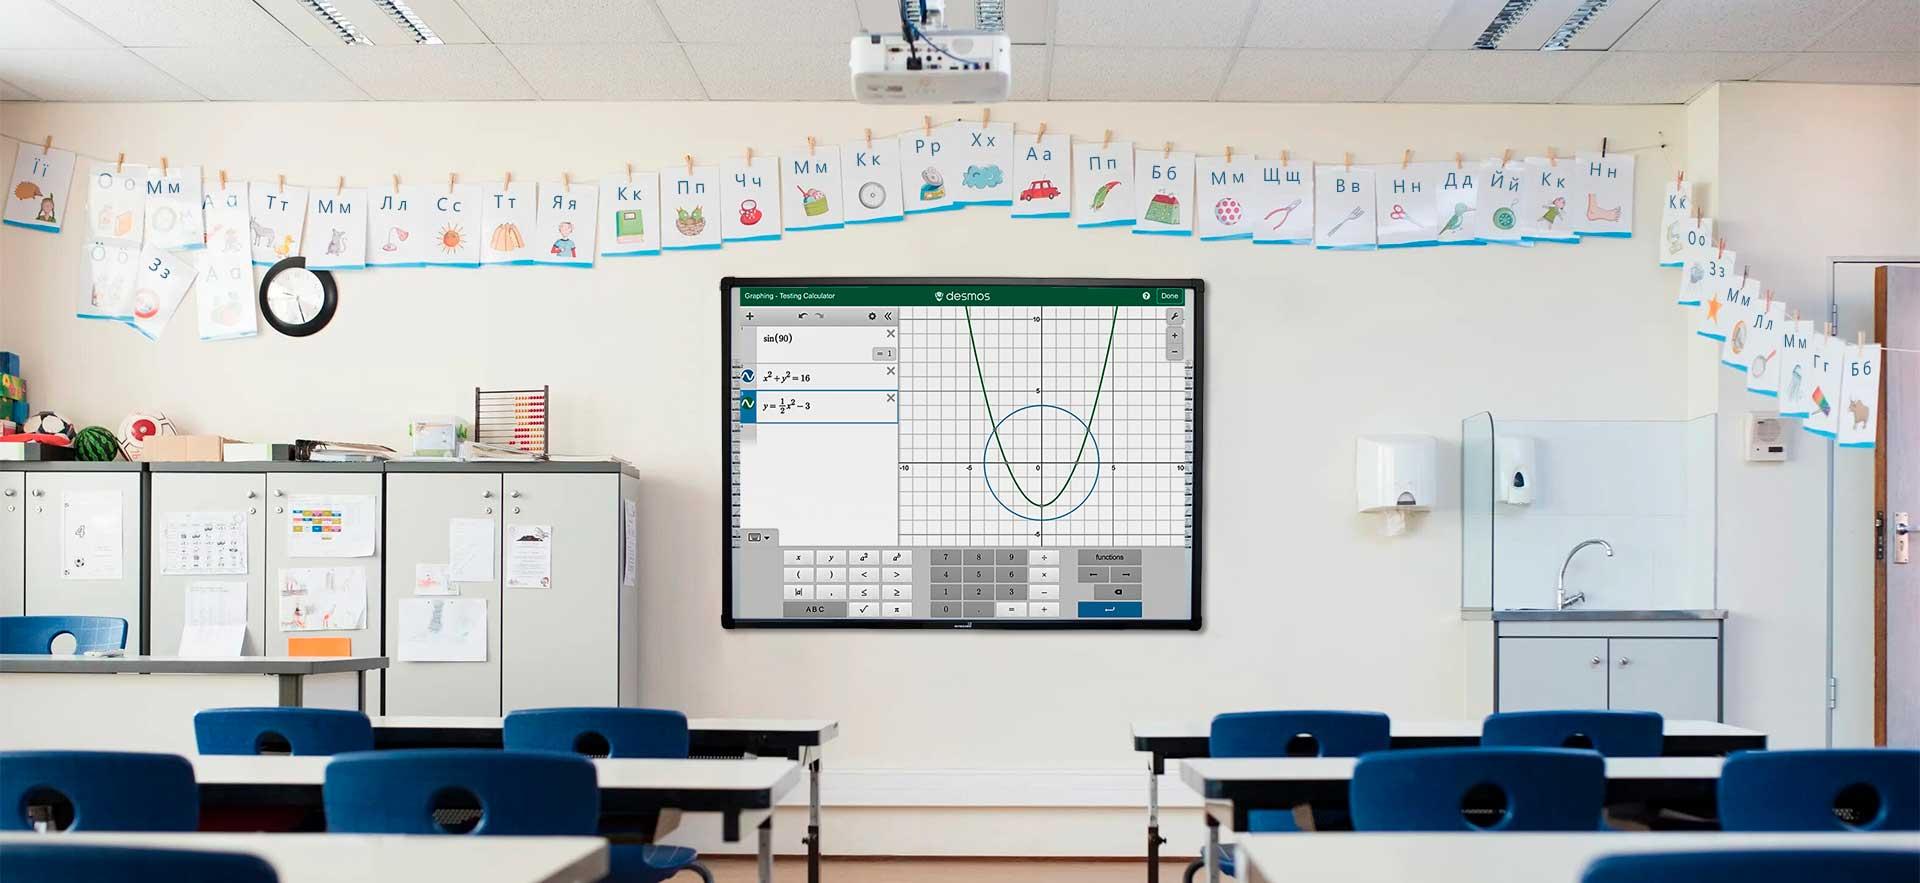 доска в классе интерактивная